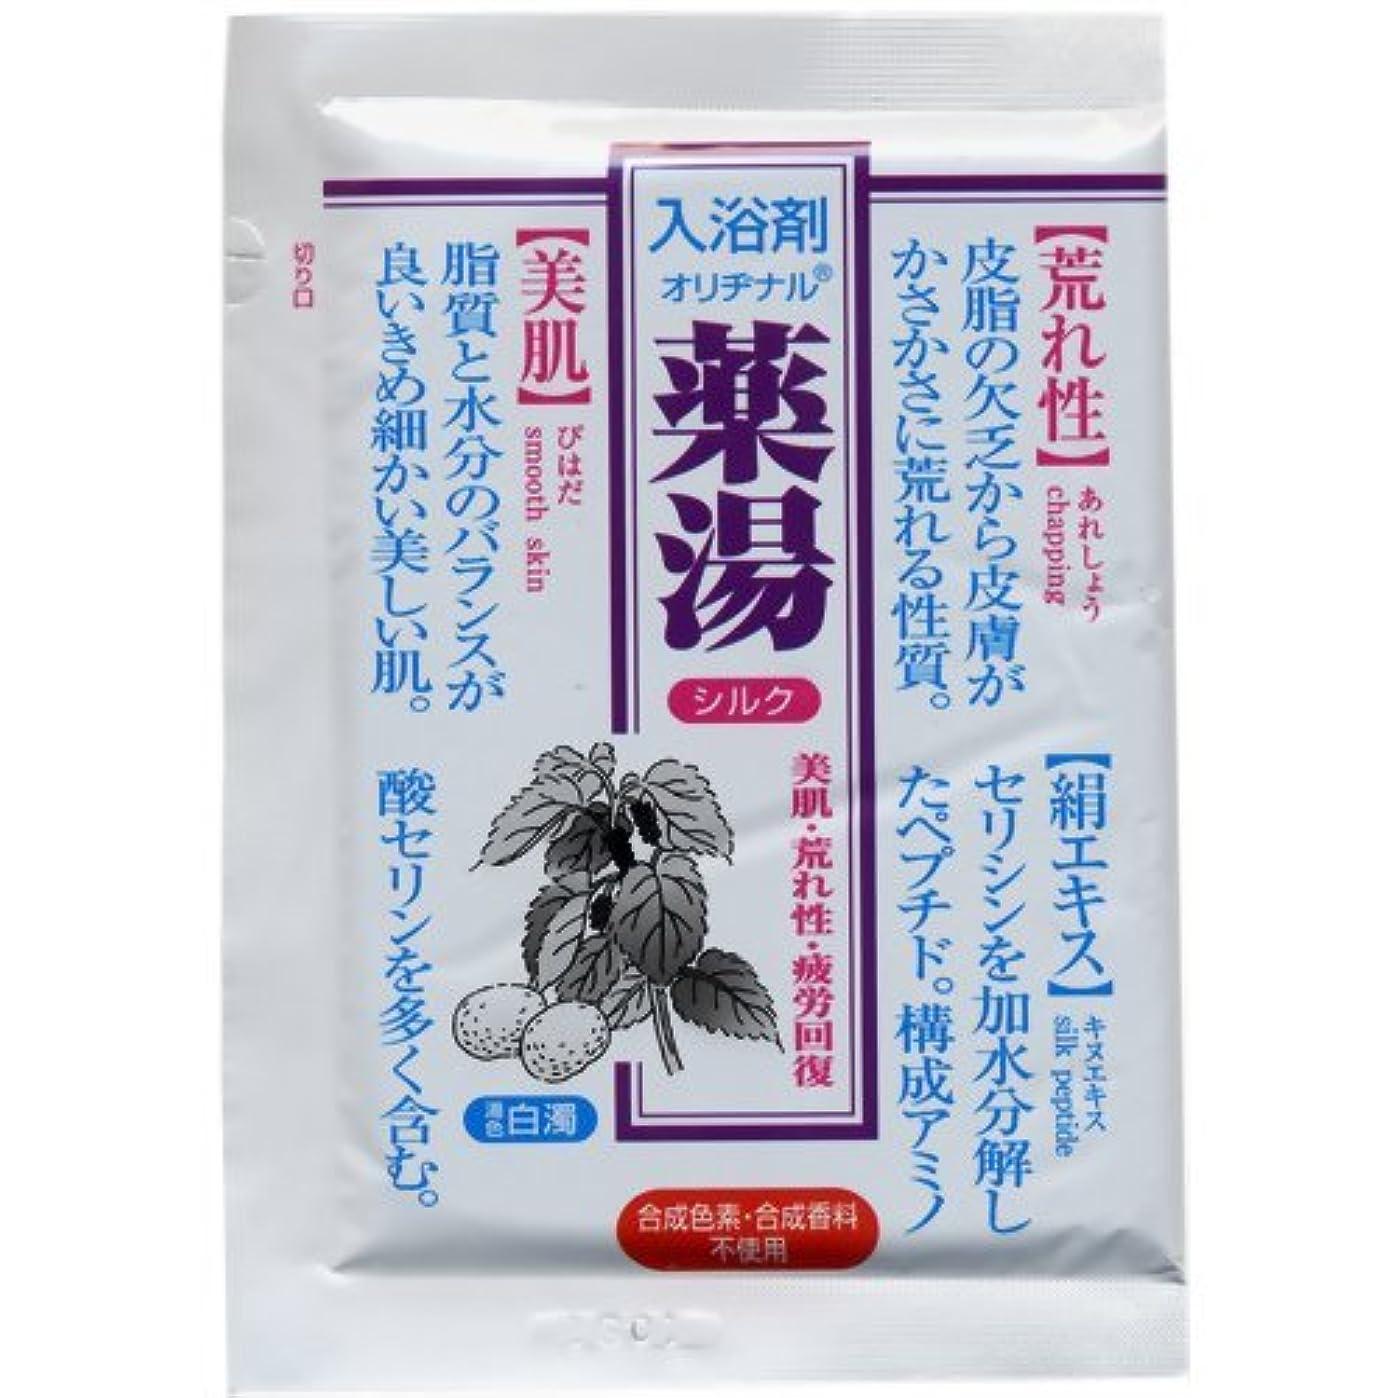 肝オークション強大なオリヂナル 薬湯 シルク 30g